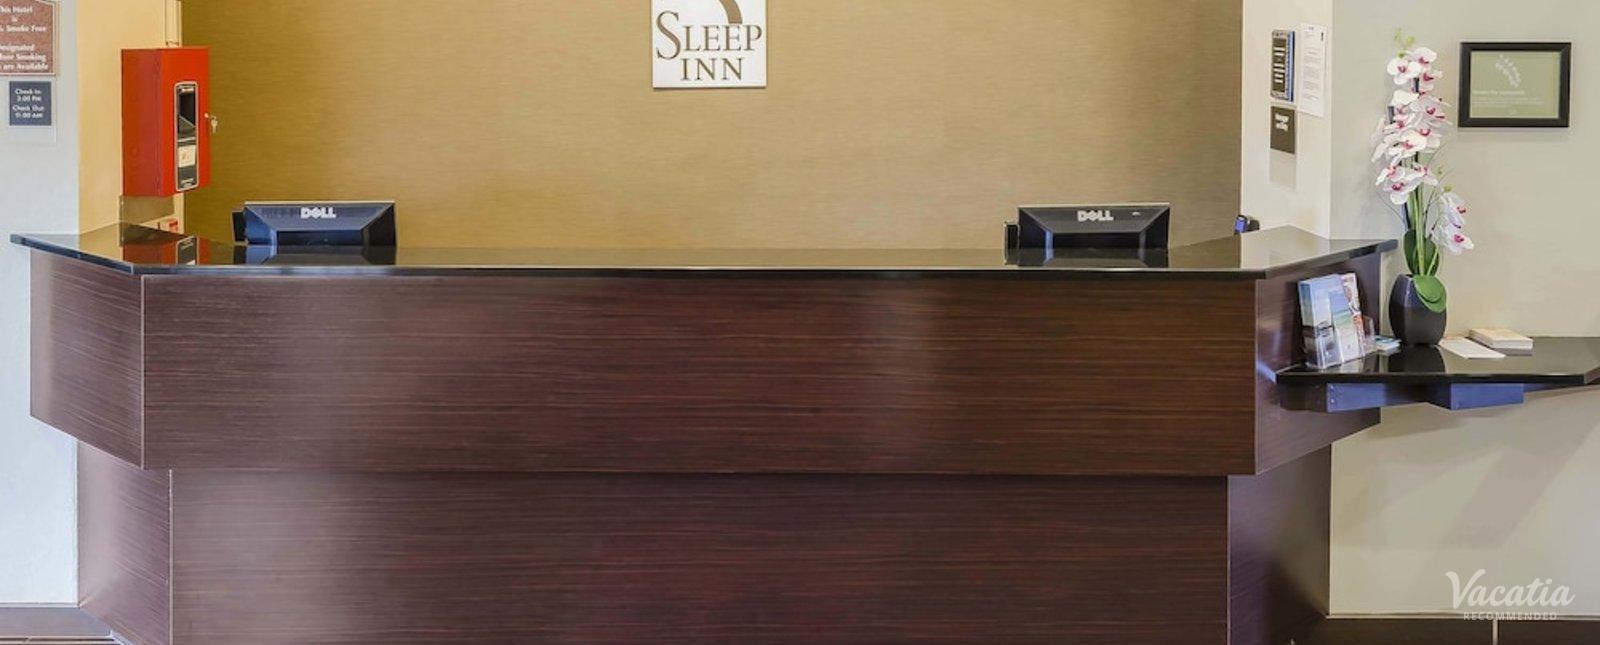 Sleep Inn Destin